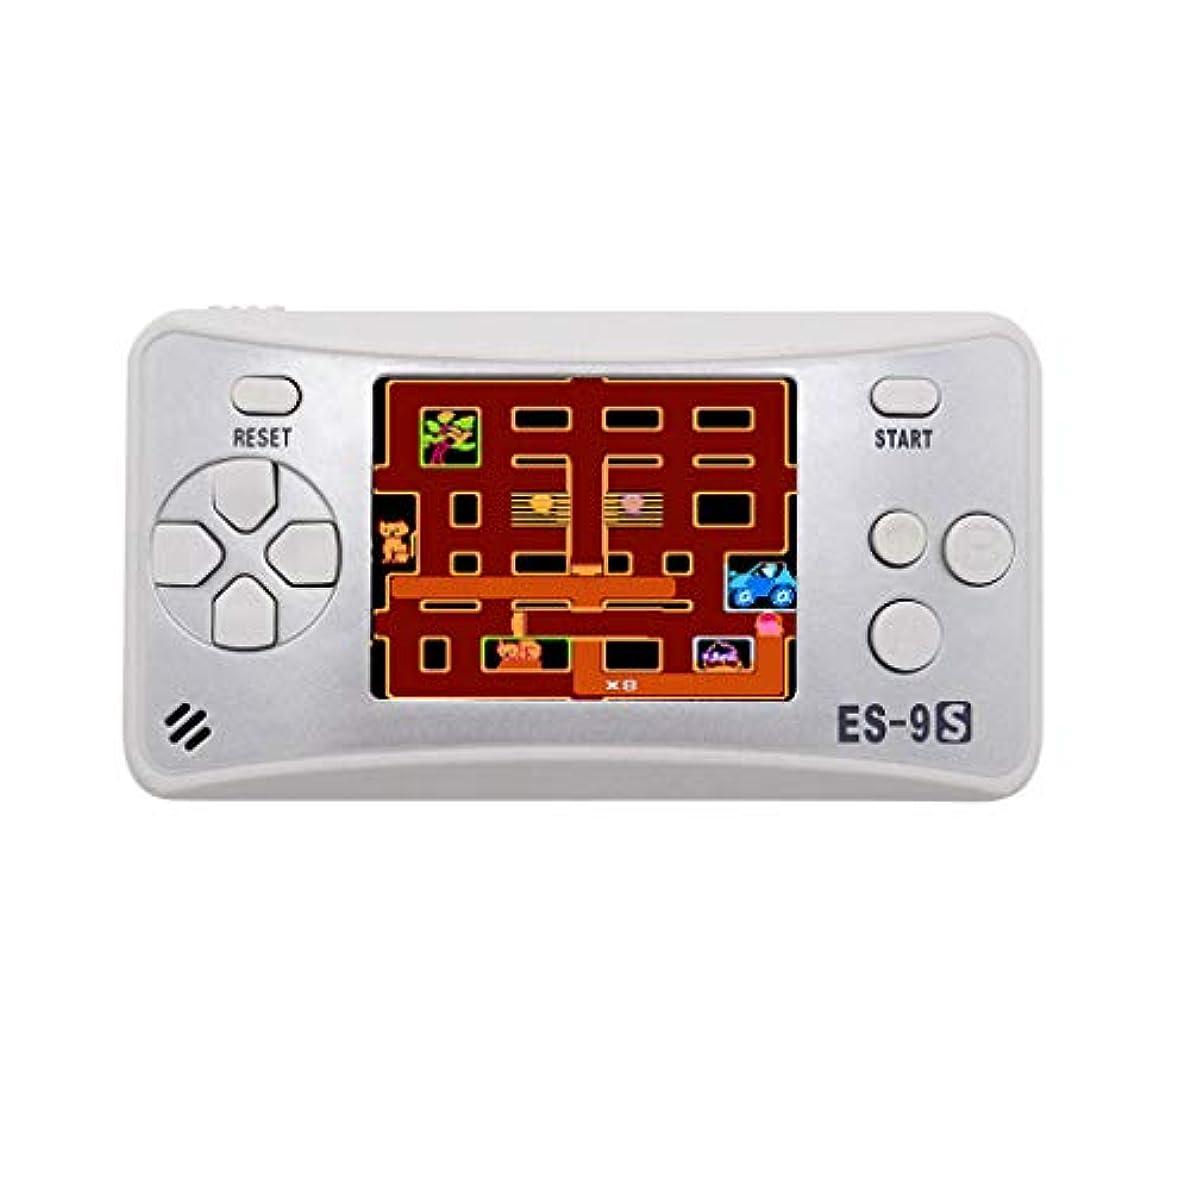 沼地含む裁判官携帯ゲーム機 2.5インチ アーケードゲーム ハンドヘルド ビデオ ゲーム コンソール 内蔵168クラシックゲーム ゲームプレーヤー サポートTVプレイhuajuan